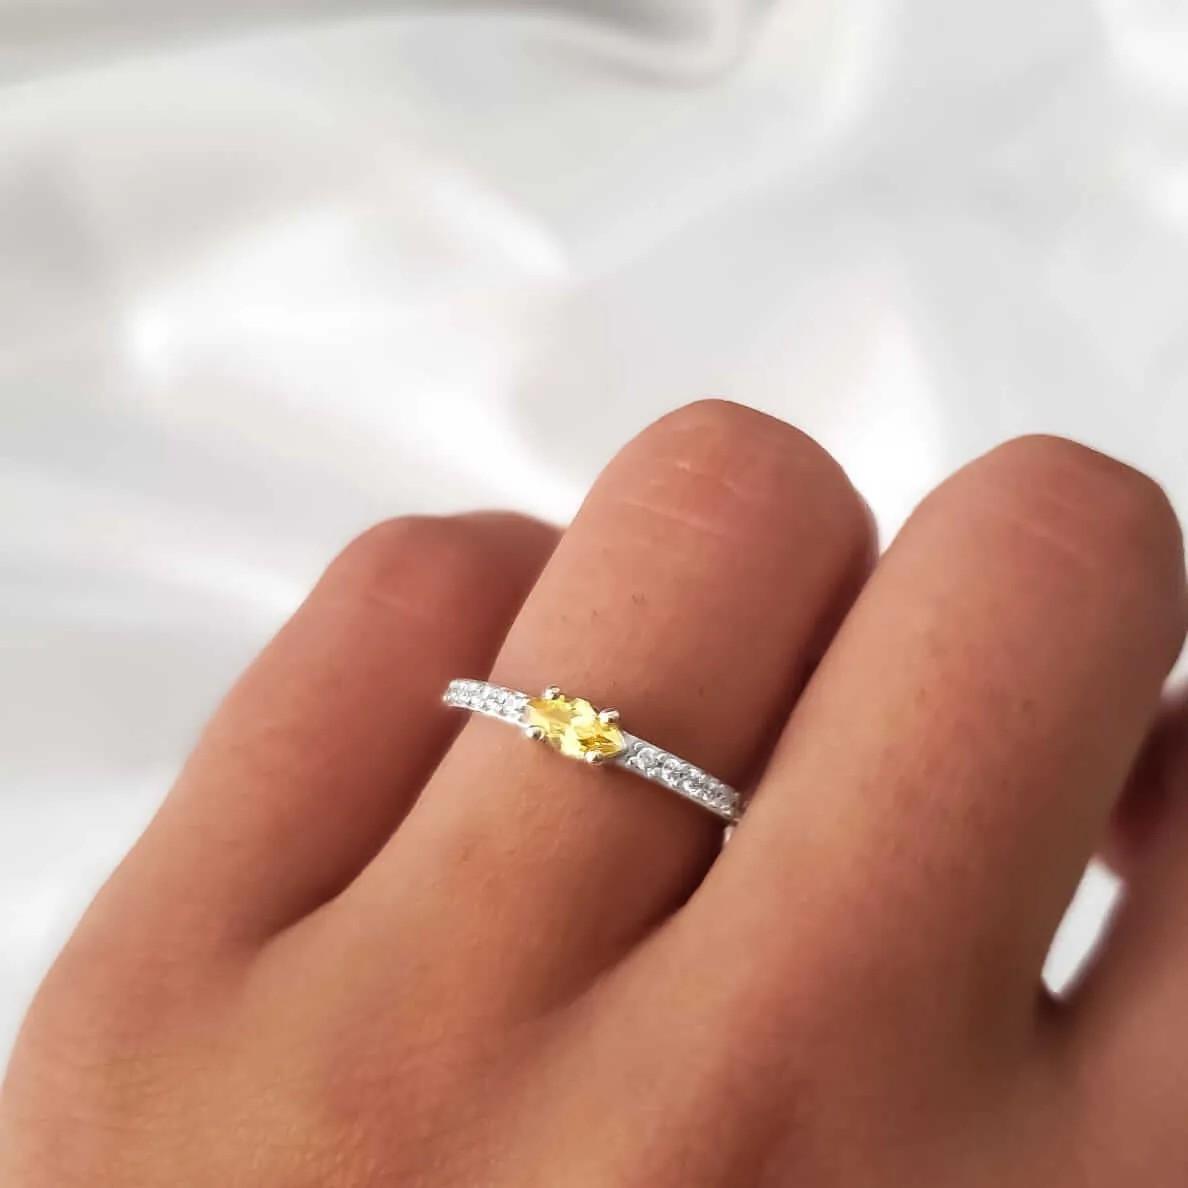 Anel Solitário Aro Cristais em Prata 925 (Cristal Dourado)